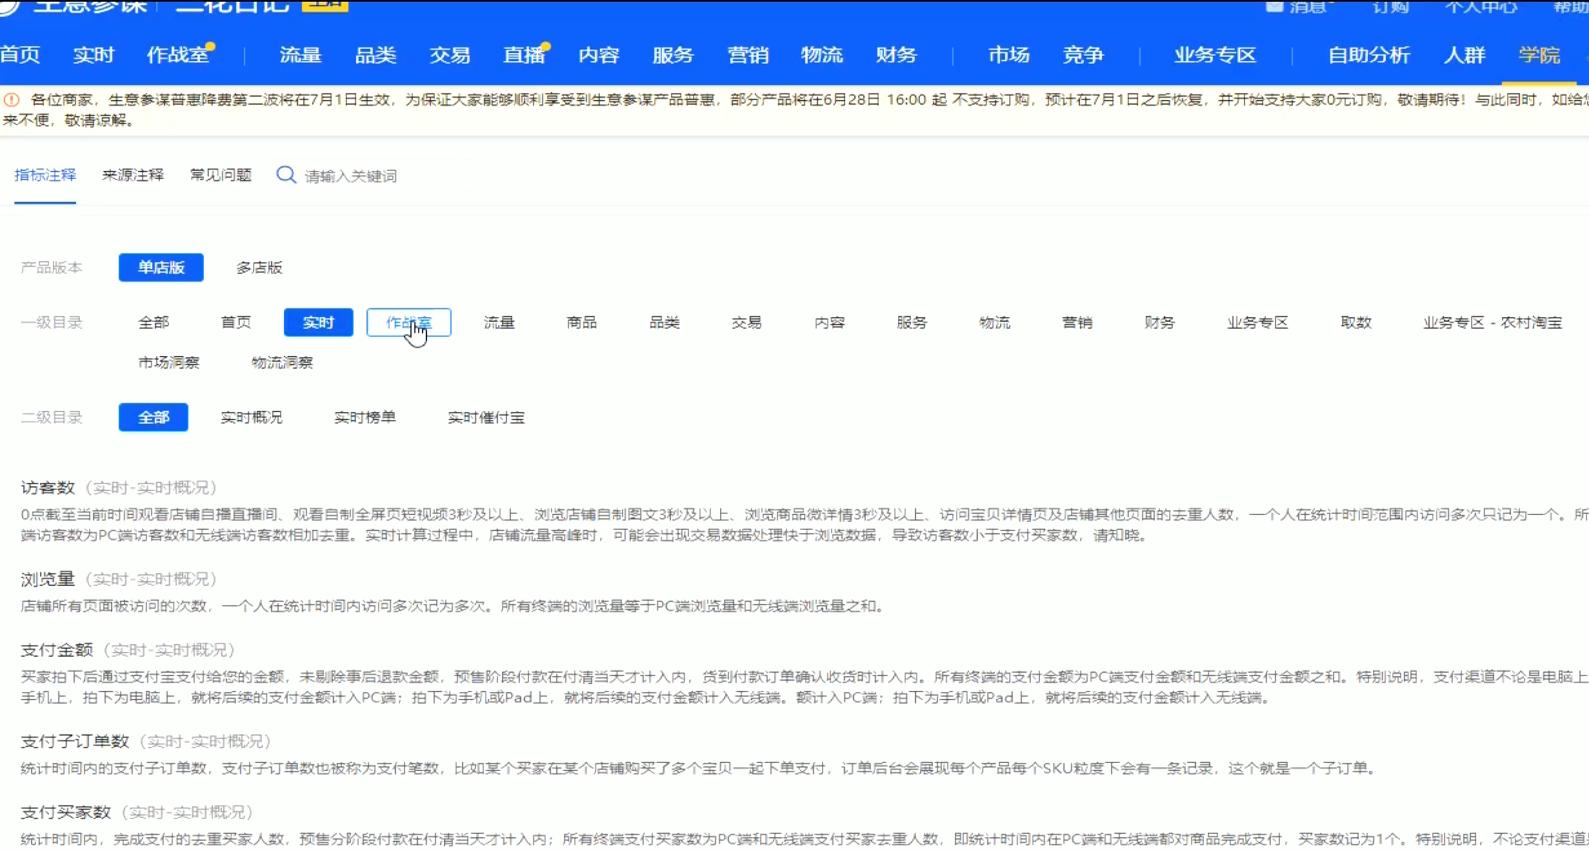 「固化人群标签」产品搜索权重数据把控维度的操作讲解